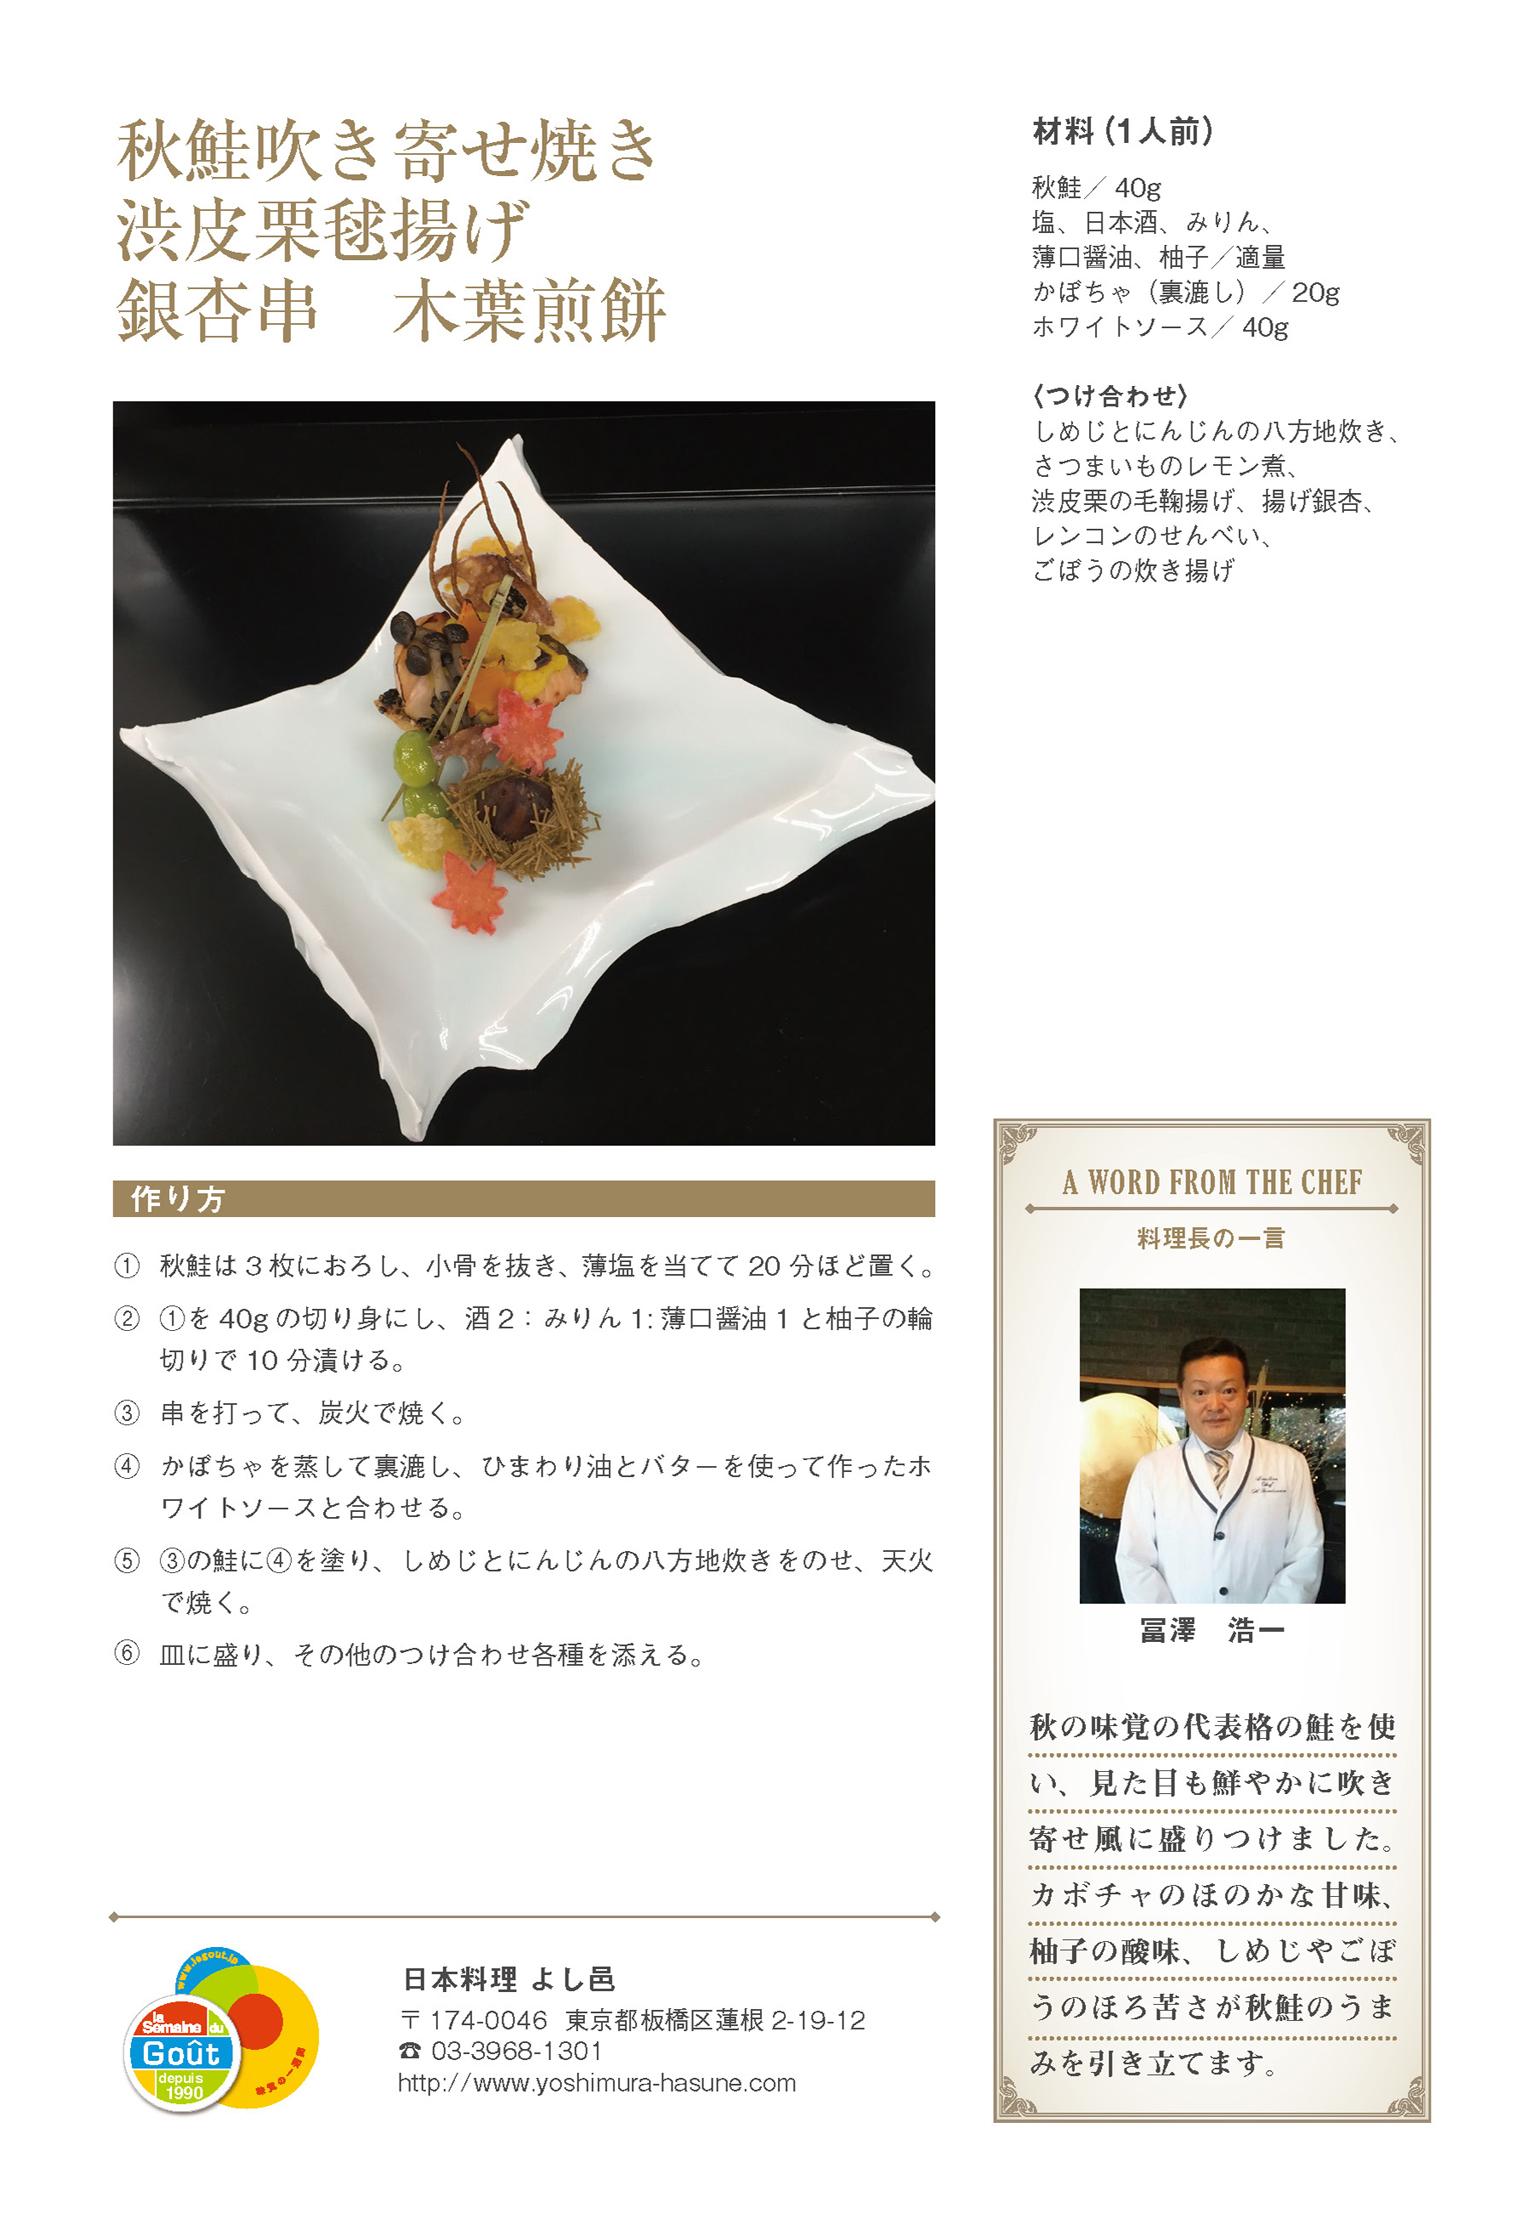 日本料理 よし邑